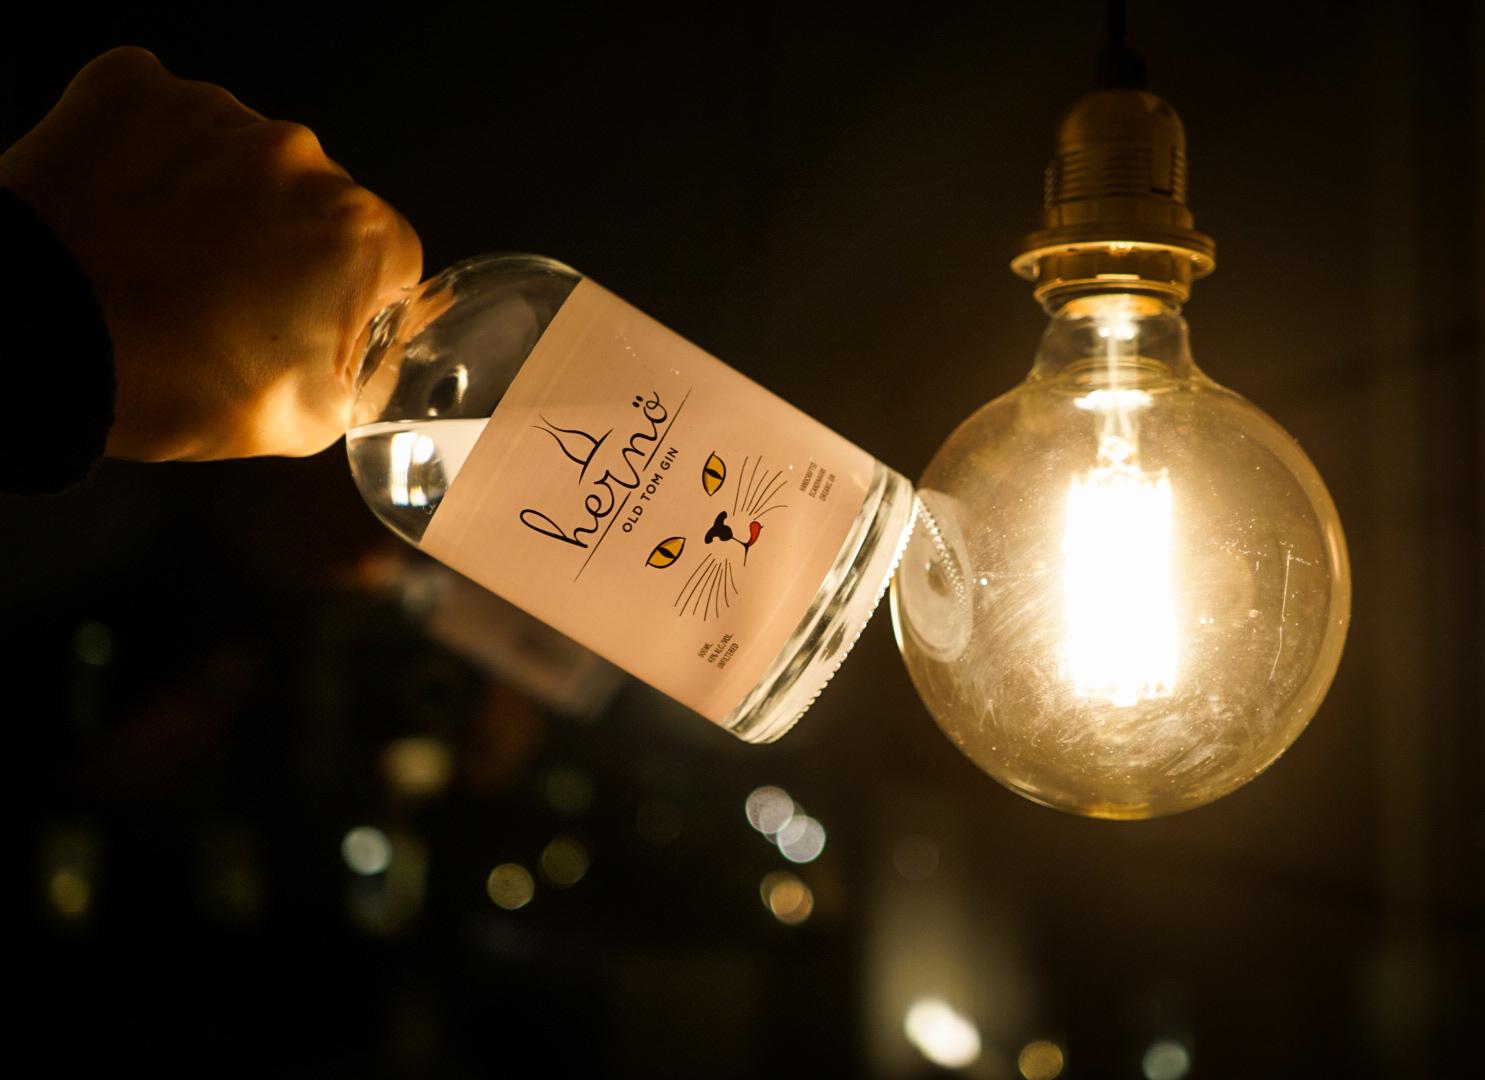 Hernö old tom gin